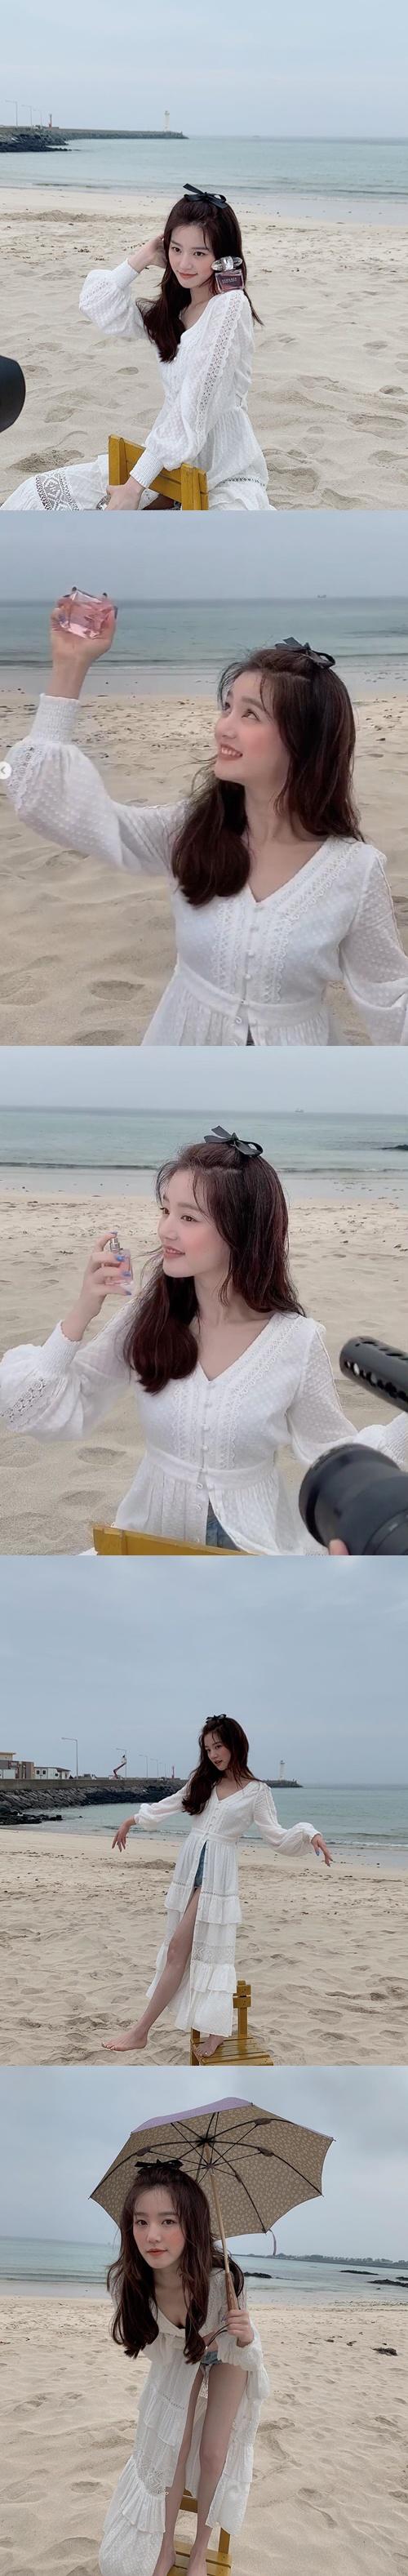 李侑菲在海边的身姿照片让粉丝们兴奋 比海还要漂亮